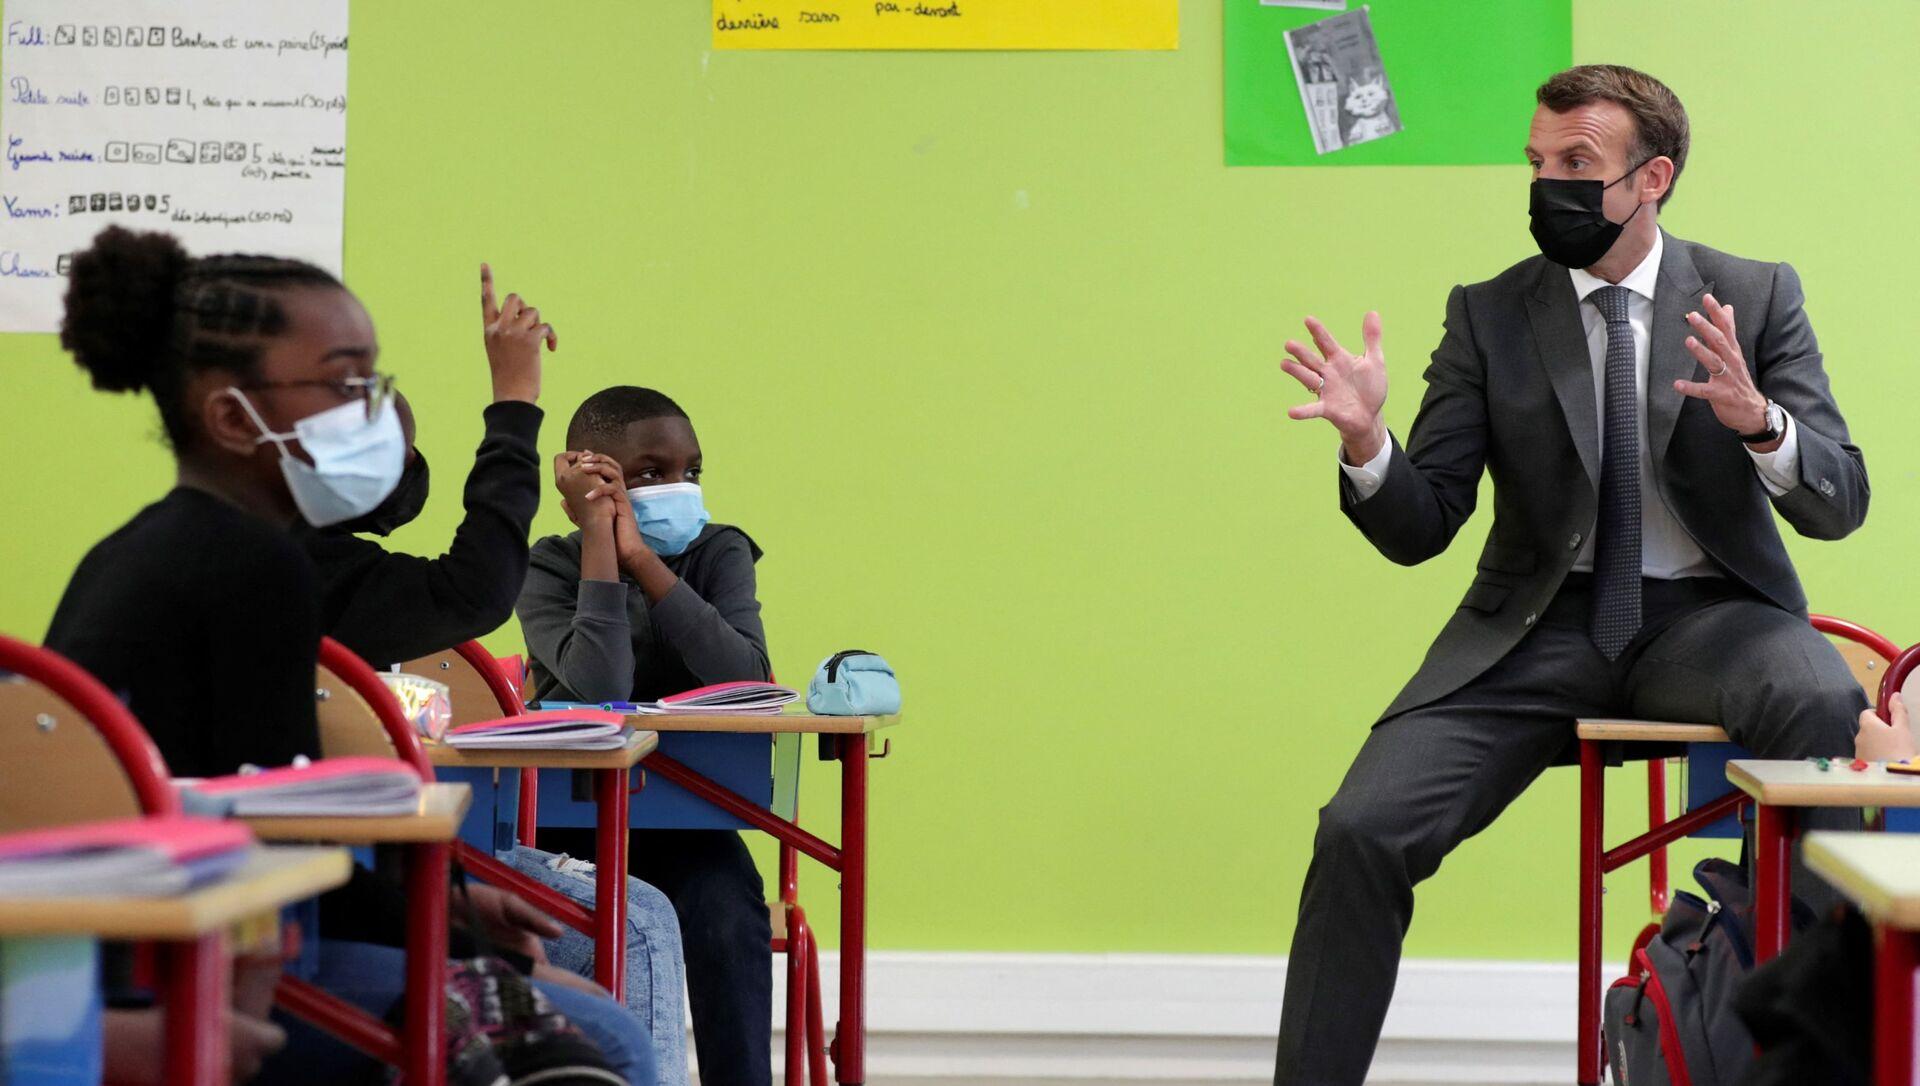 Macron en visite dans une école à Melun - Sputnik France, 1920, 01.09.2021